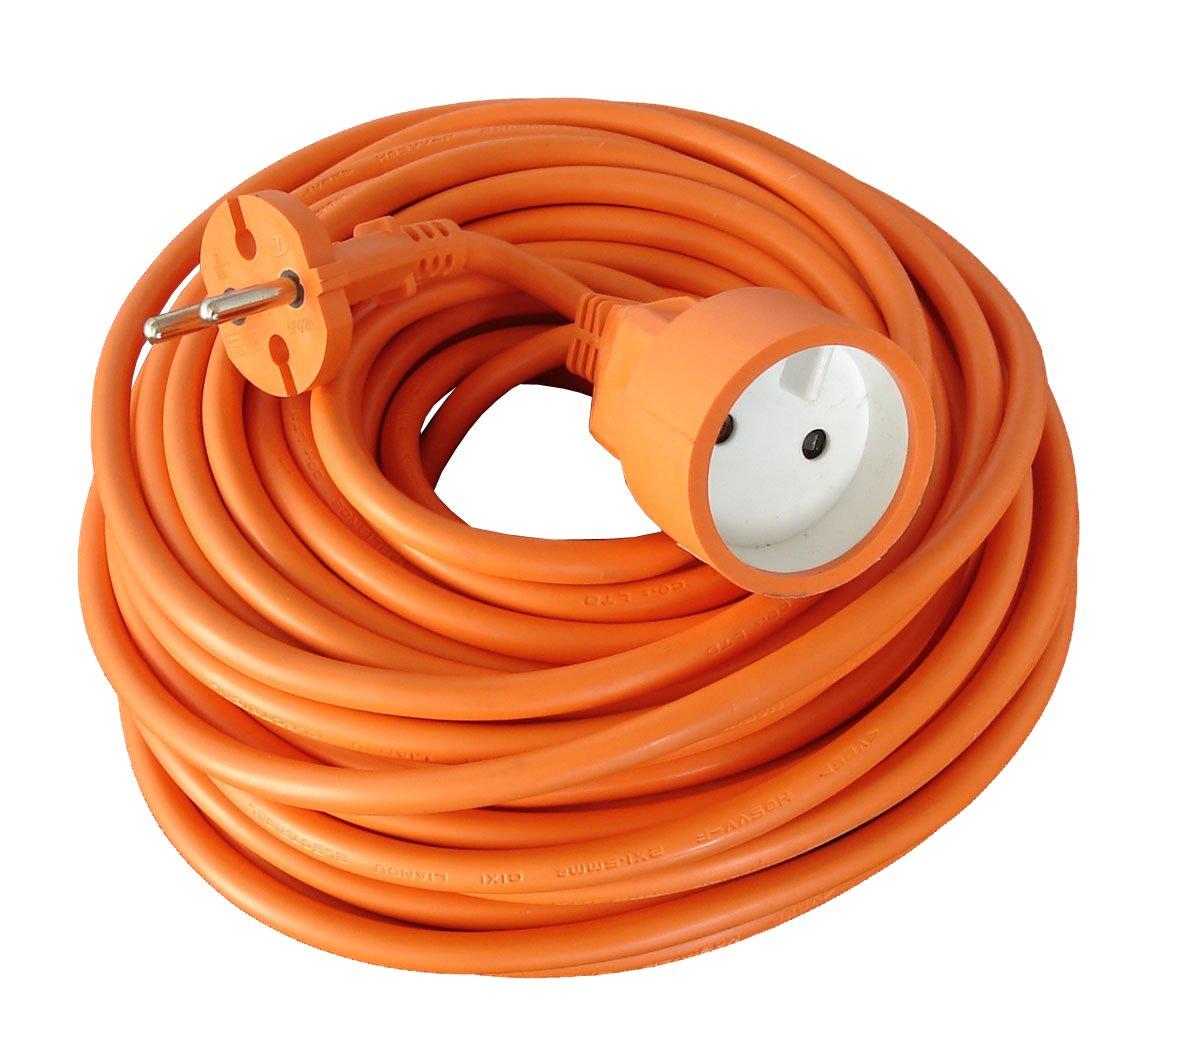 Zenitech - Prolongateur 16A HO5VV-F 2x1, 5 Orange 40m Inconnu 192205 rallonge électrique prolongateur electrique rallonge electrique exterieur prolongateur électrique prise rallonge rallonge prise